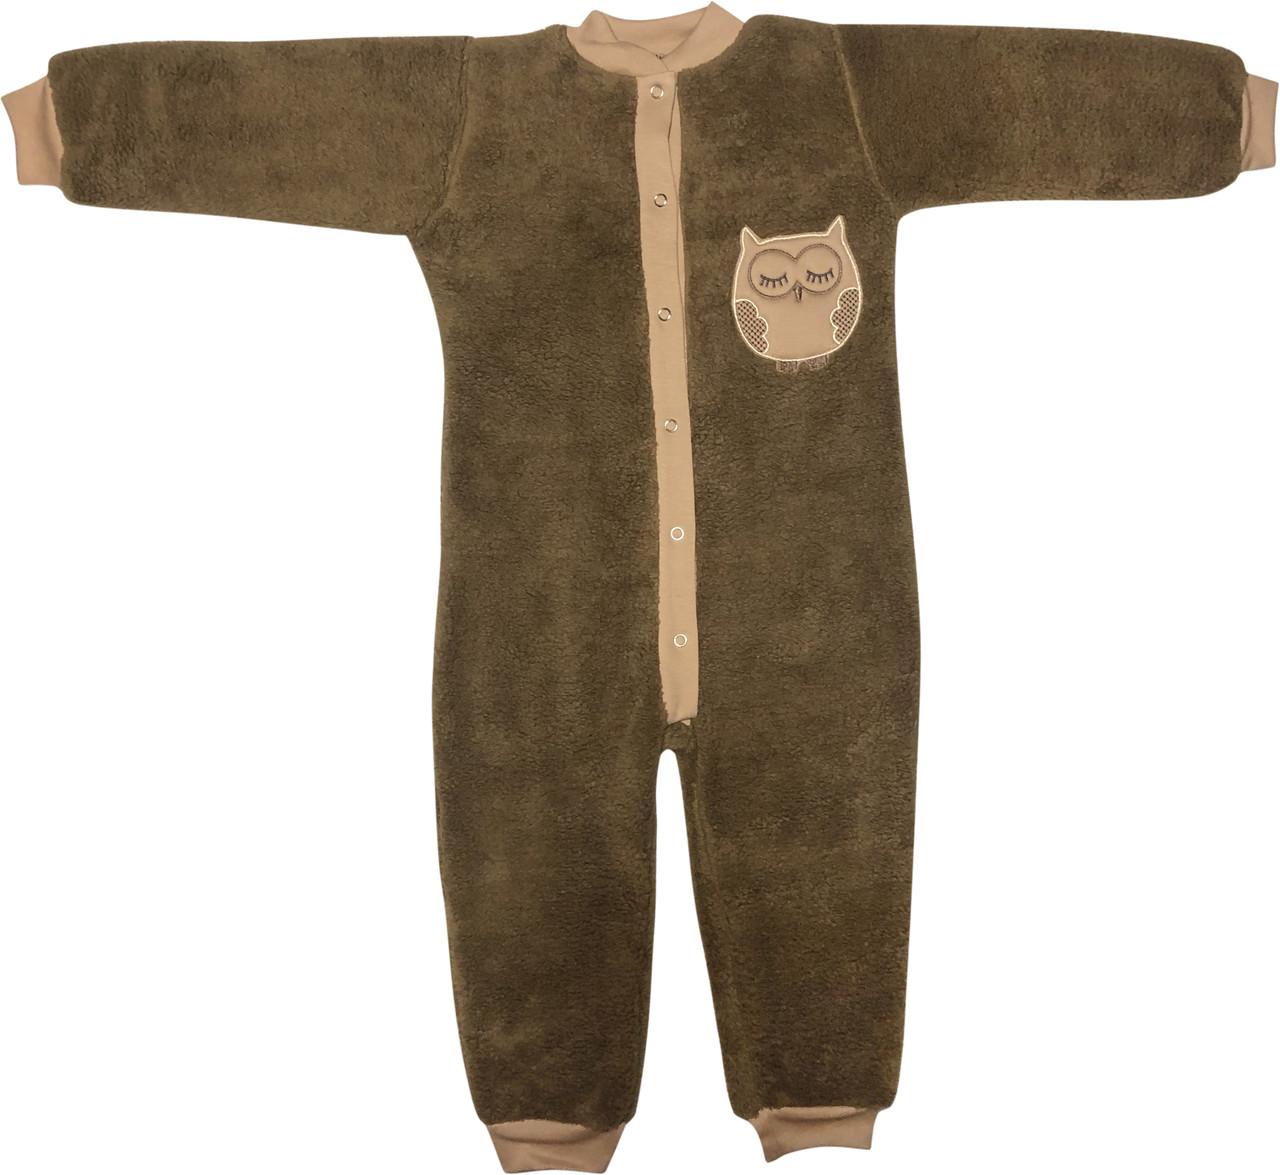 Тёплый человечек слип на мальчика рост 92 1,5-2 года для малышей махровый с отрытыми ножками коричневый